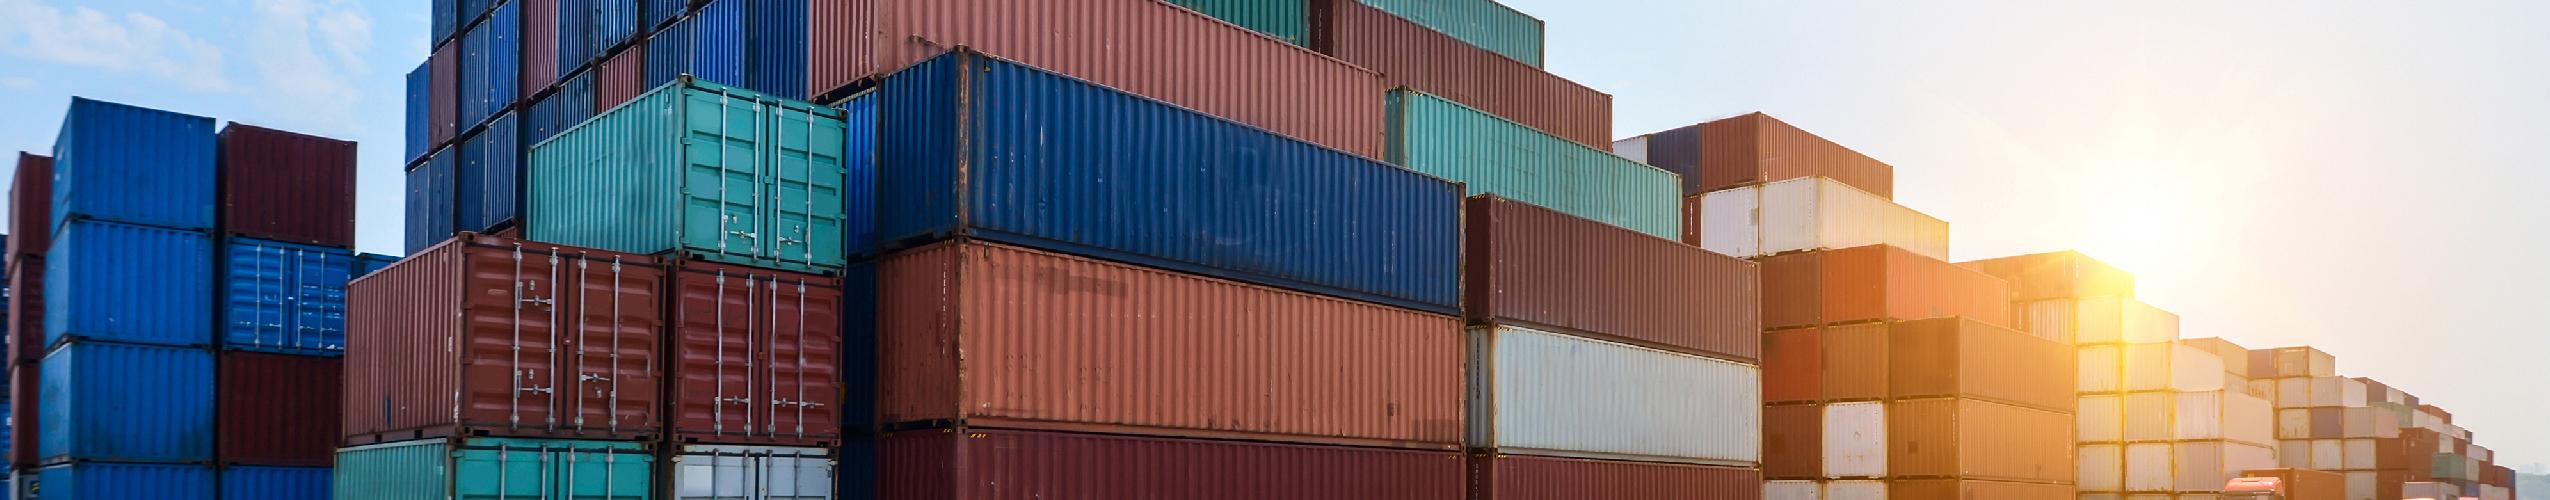 Depuis les  produits  promotionnels  jusqu'aux   marchandises  sous douane,  en passant par le transport  de  lots partiels ou complets,  nous chargeons chaque semaine plusieurs  tonnes de fret  pour nos clients.